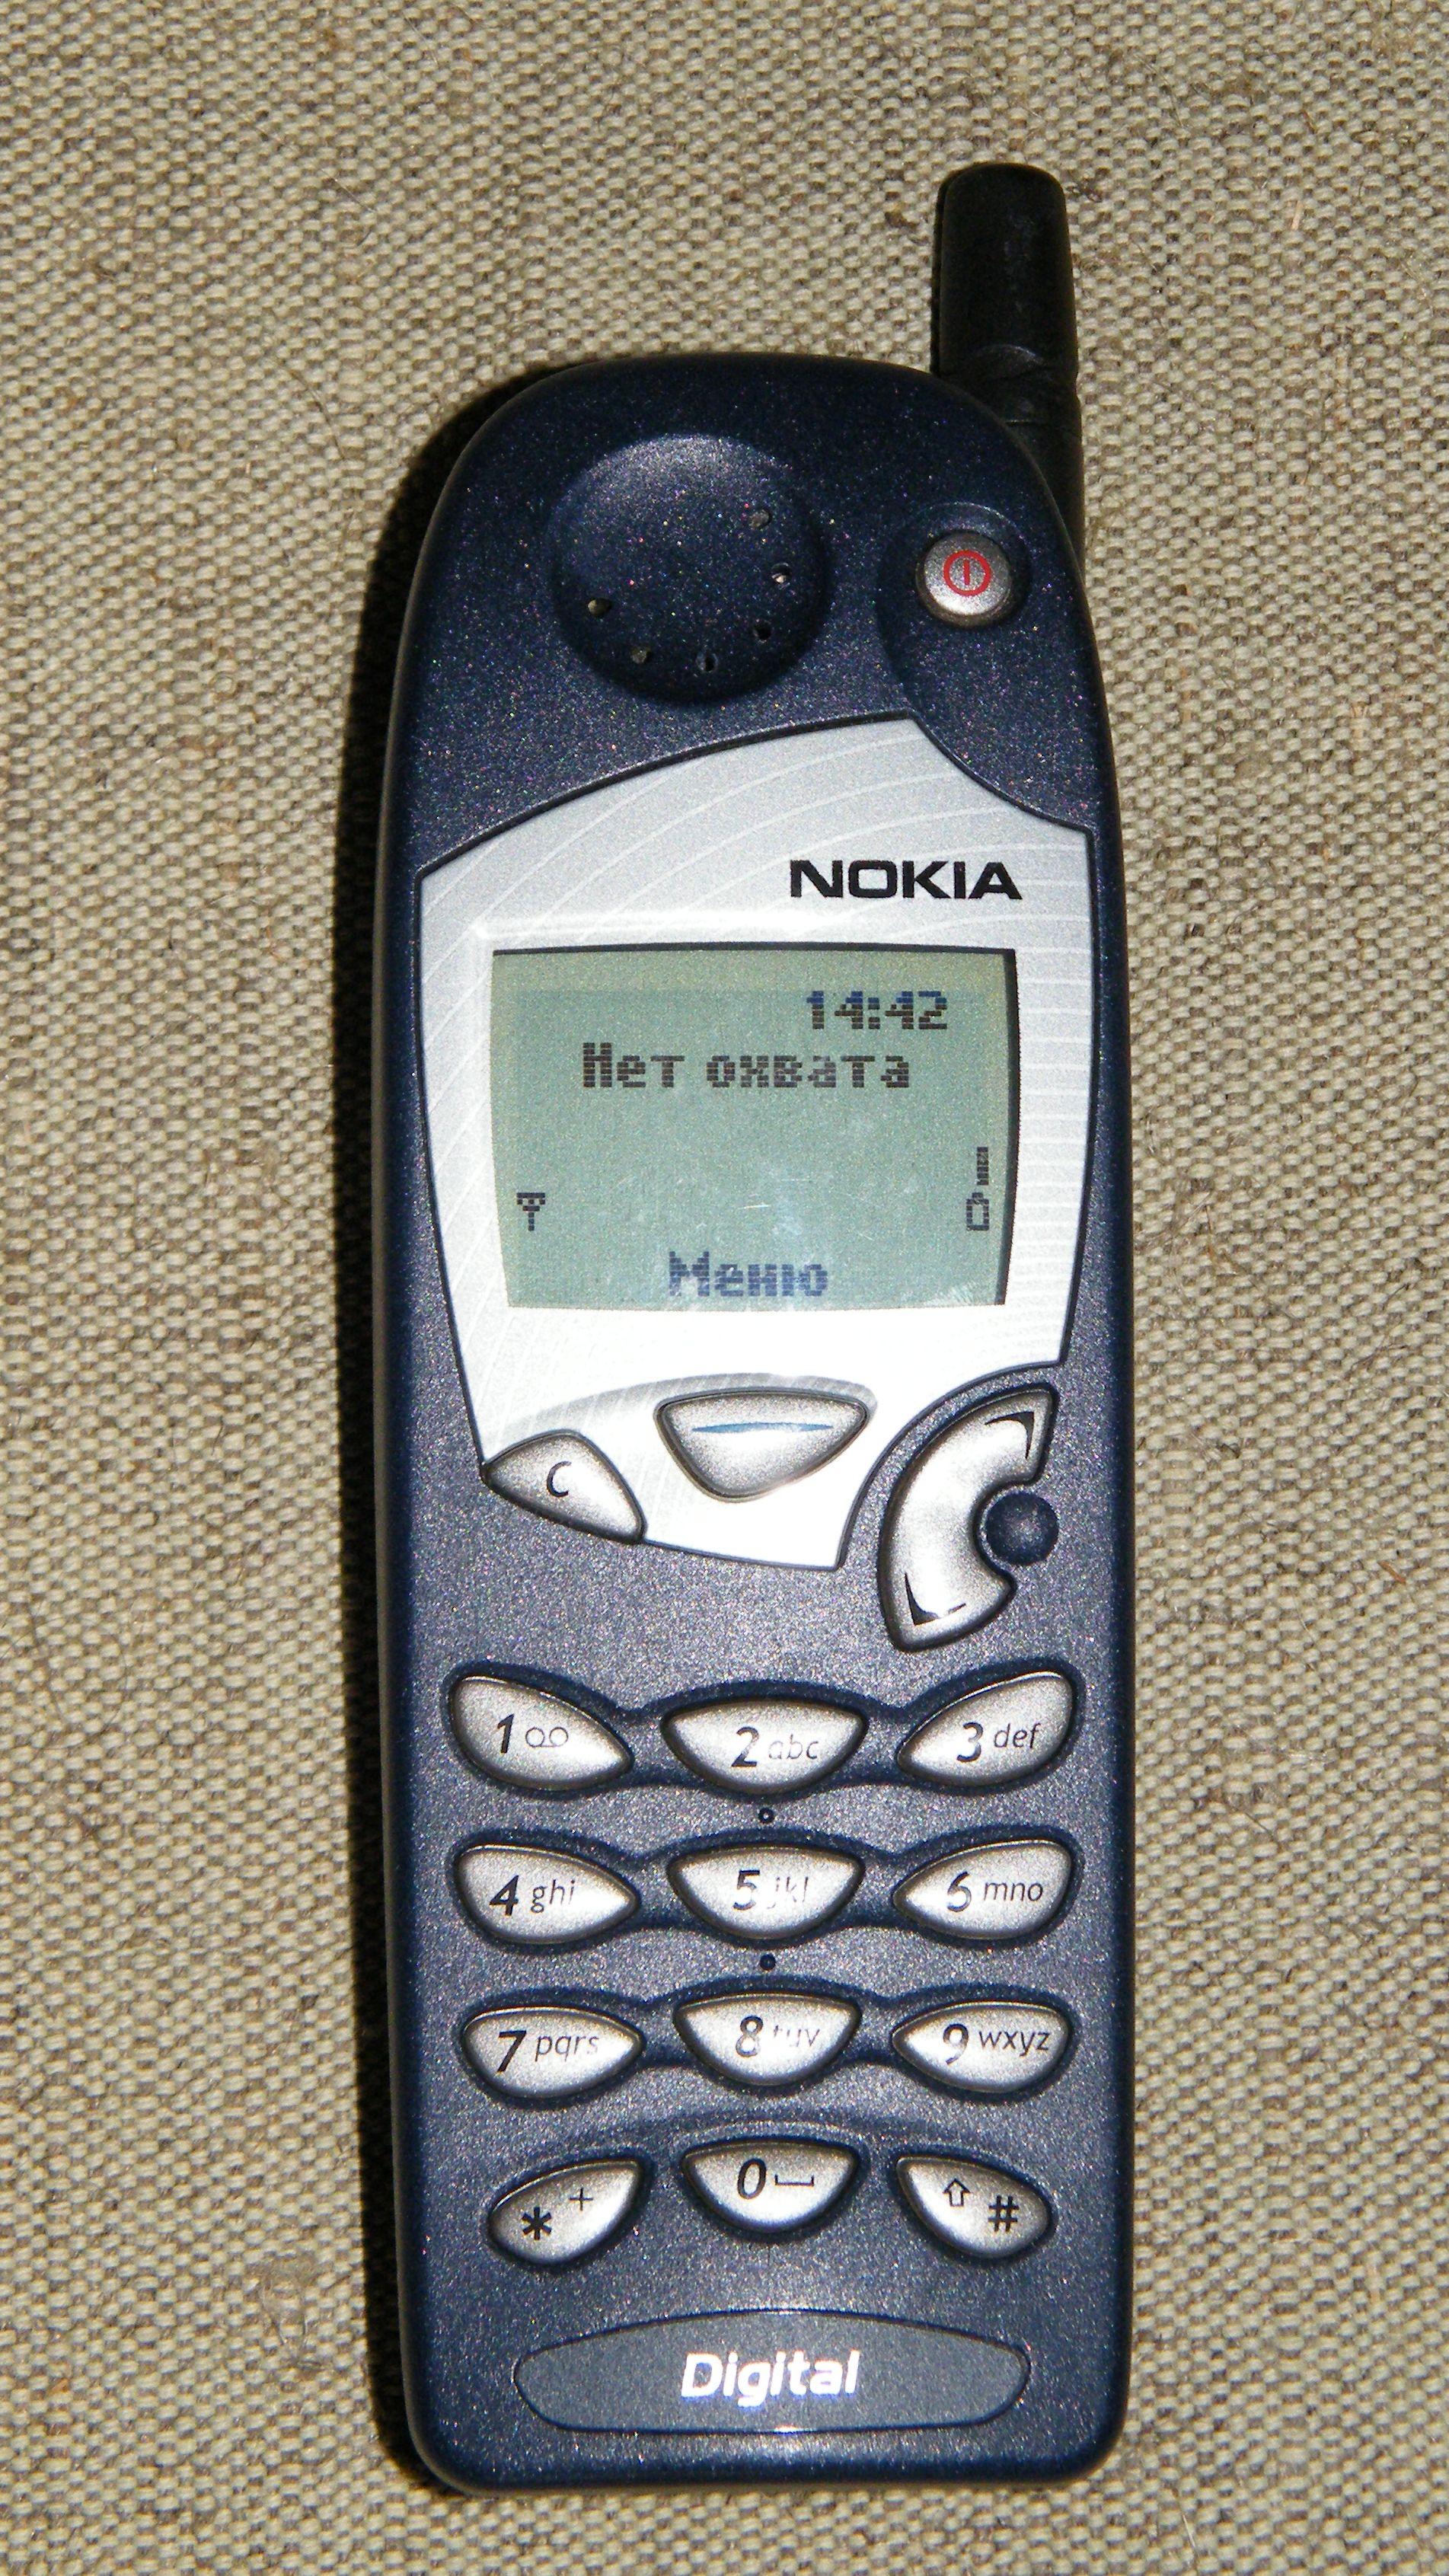 Nokia 5125 Wikipedia File:nokia 5125 Damps.jpg